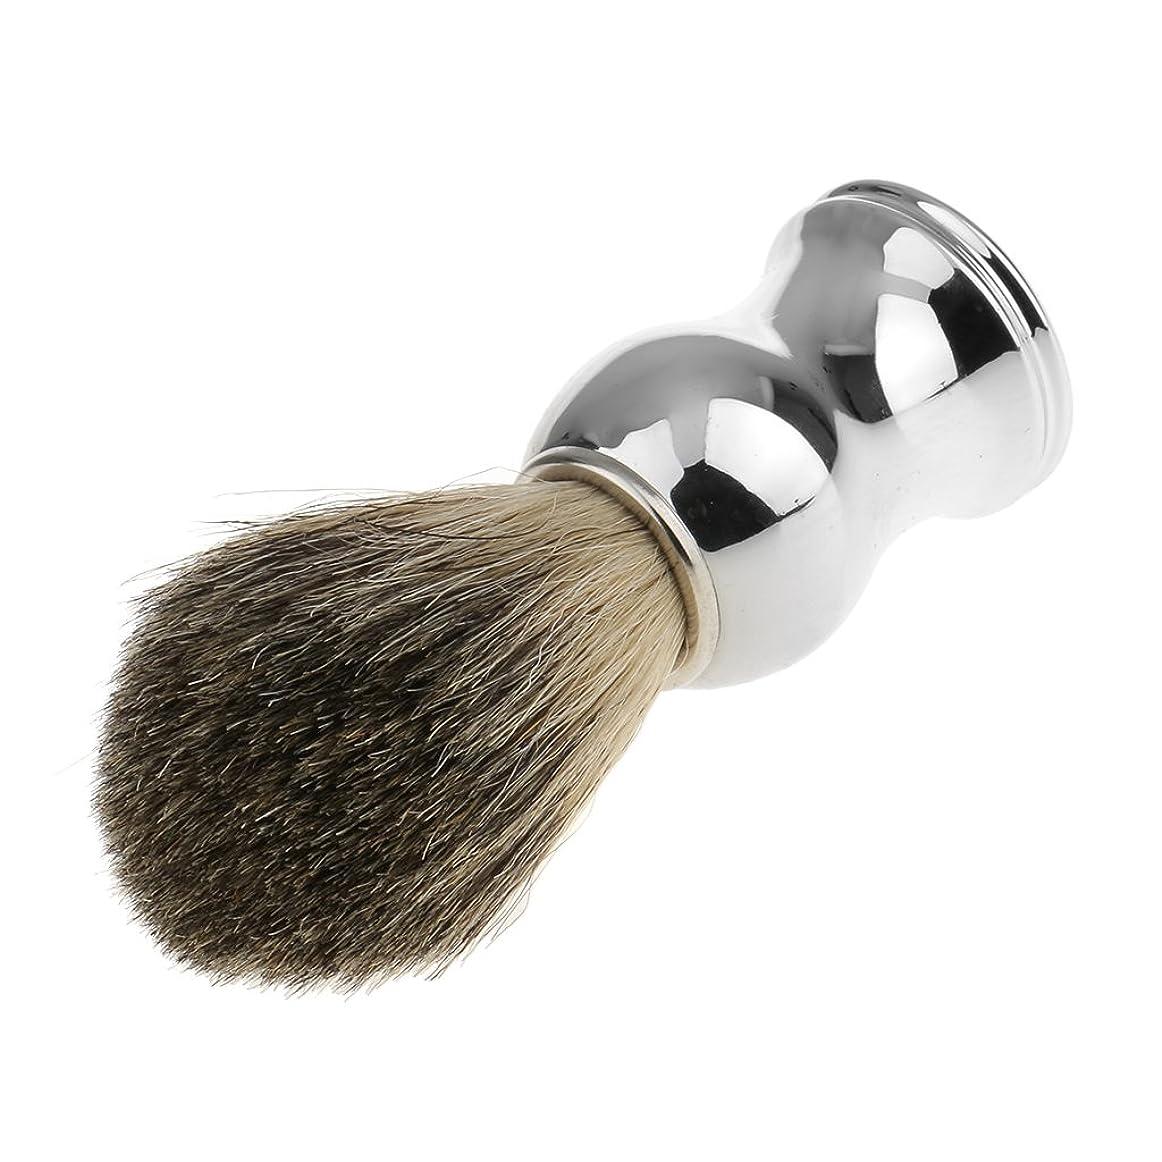 いらいらさせる宿命賃金SONONIA 人工毛 シェービングブラシ 家庭 柔らかい 洗顔 理容  髭剃り 乾くやすい 便携 11.2cm 全2色 - シルバーハンドル